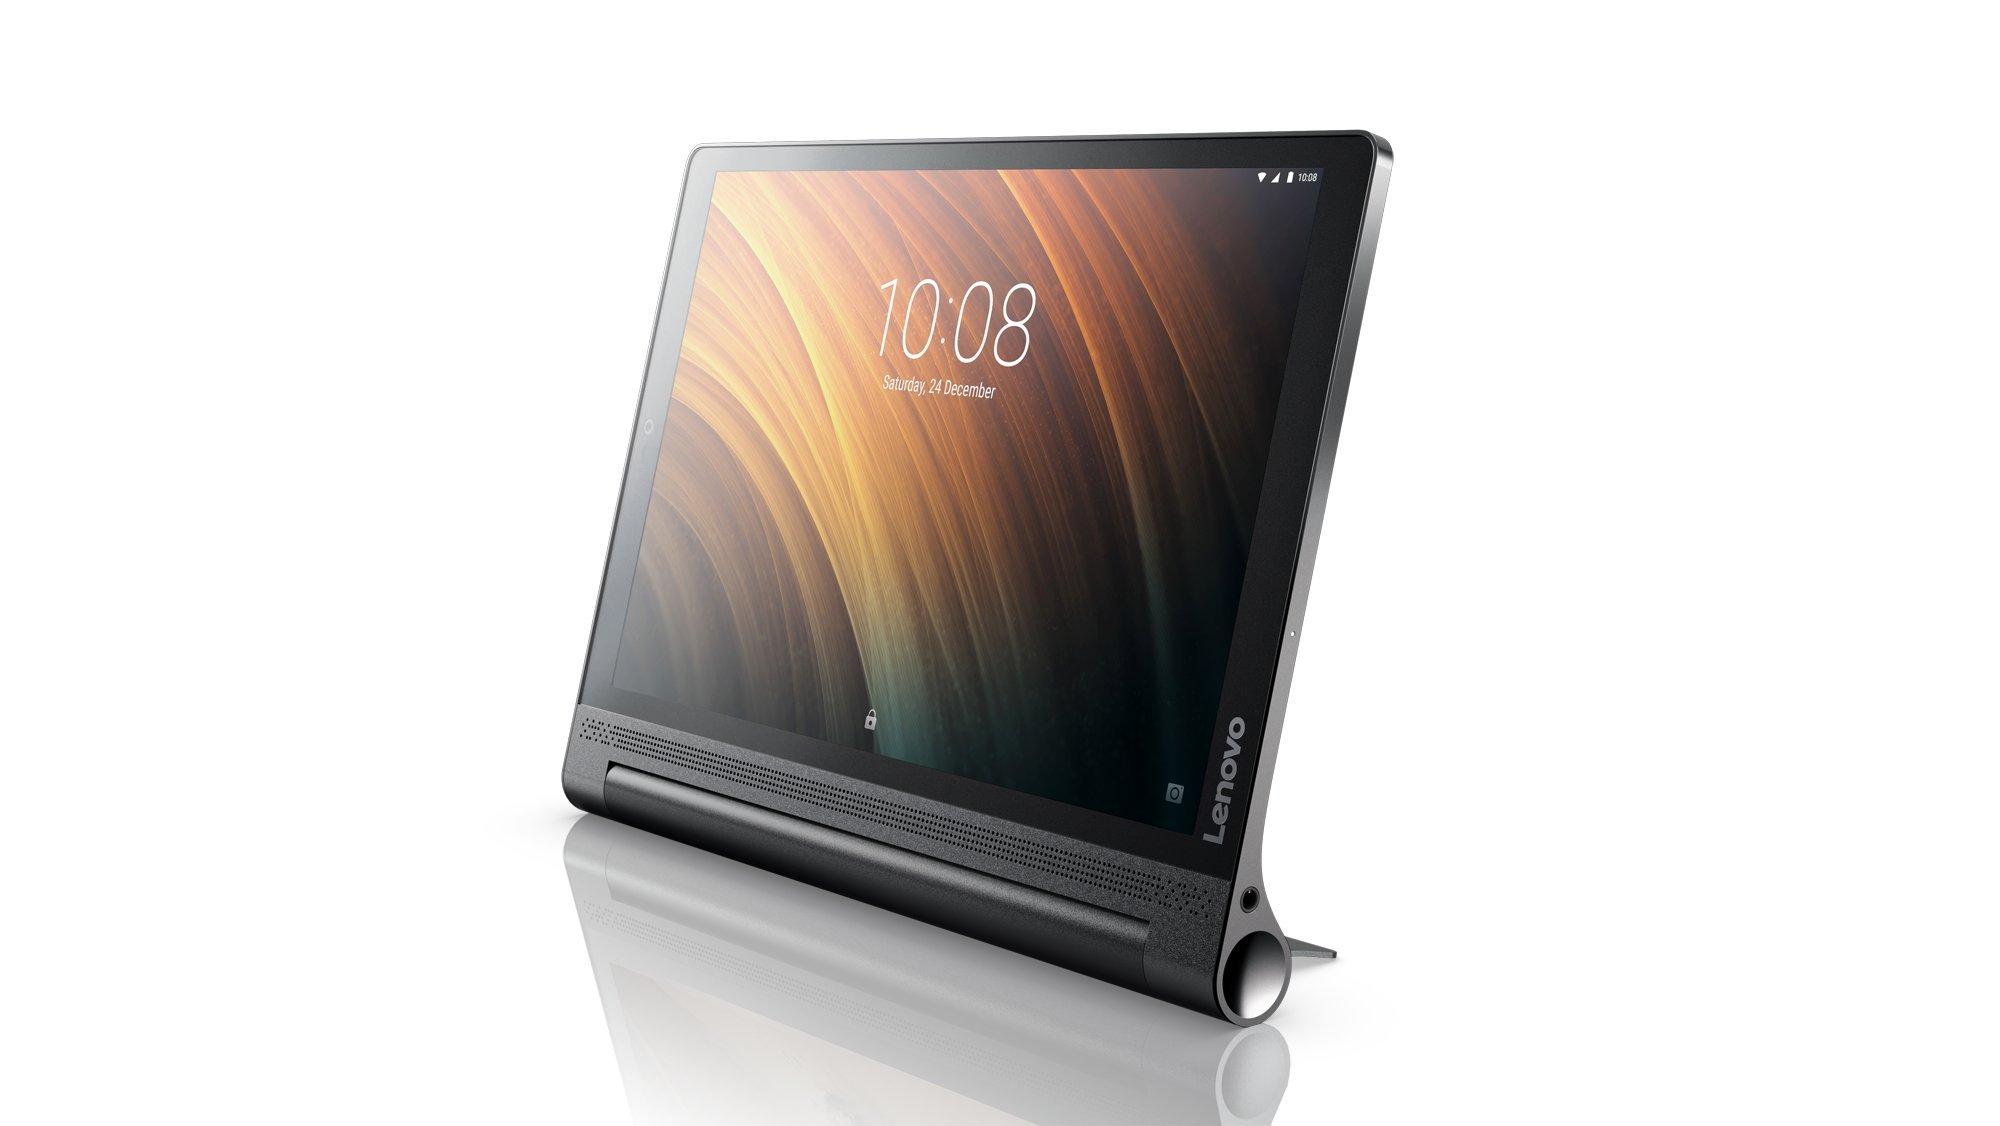 Lenovo ZA1N0007US Yoga Tab 3 Plus QHD 10.1 inch Android Tablet (Qualcomm Snapdragon 652, 3GB RAM, 32GB SSD,Android 6.0), Black by Lenovo